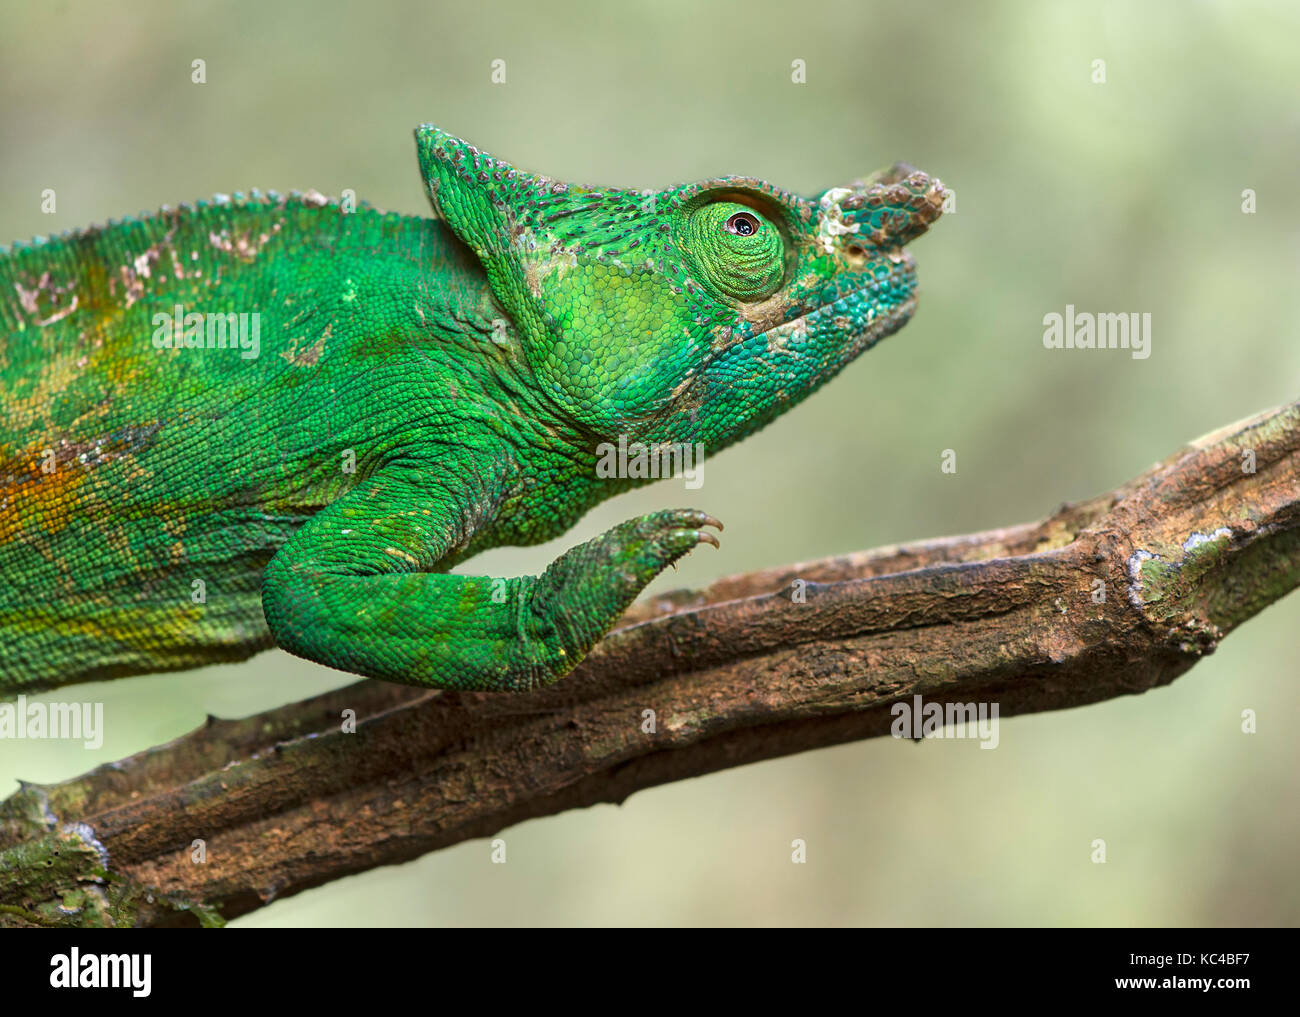 Male Panther Chameleon (Calumma parsonii), (Chameleonidae), endemic to Madagascar, Andasibe National Park, Madagascar - Stock Image